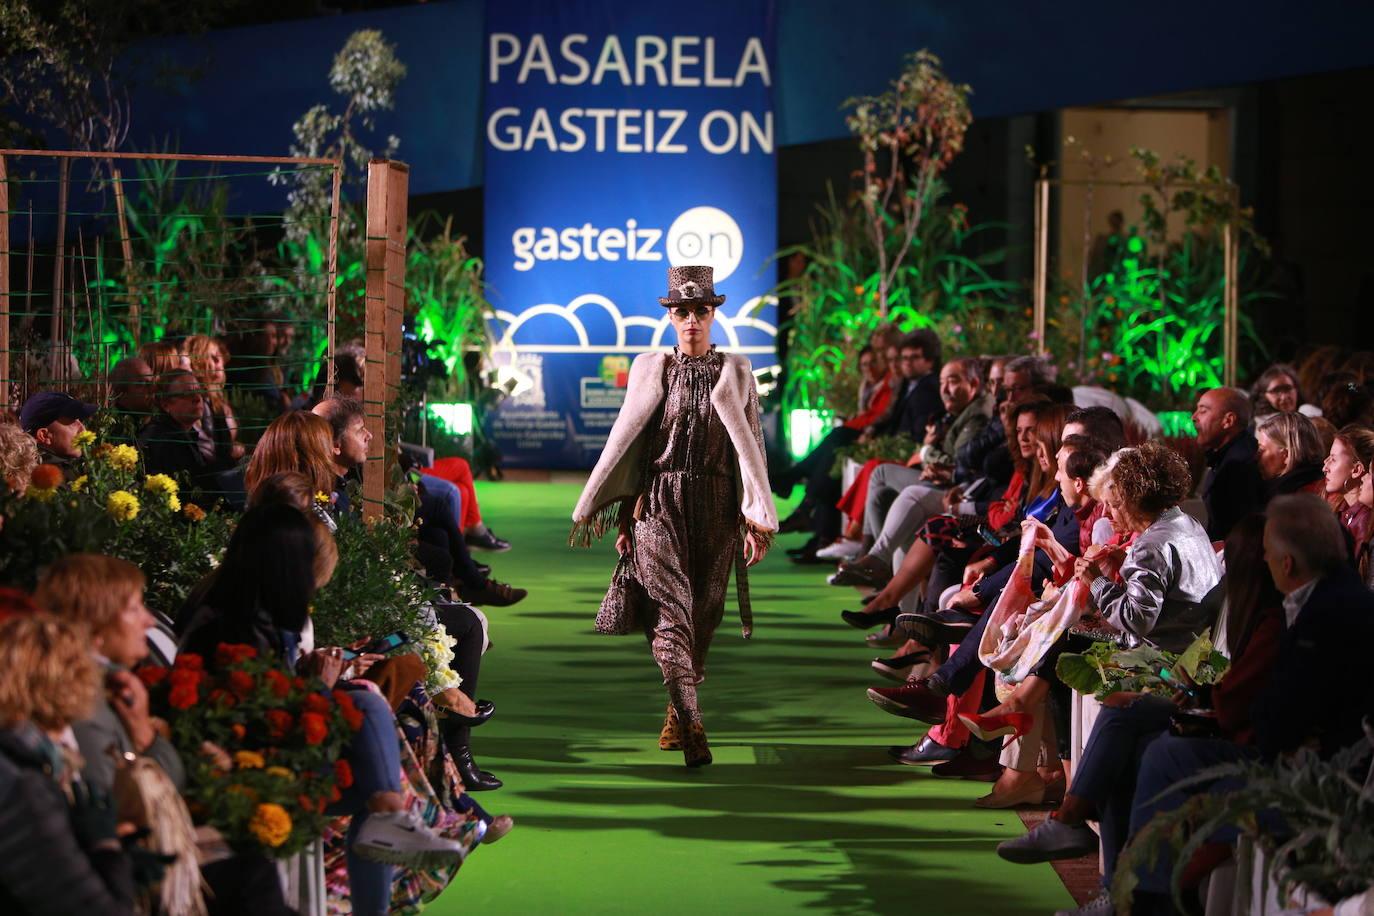 La Pasarela Gasteiz On se traslada al Europa y estrena visitas guiadas y una exposición